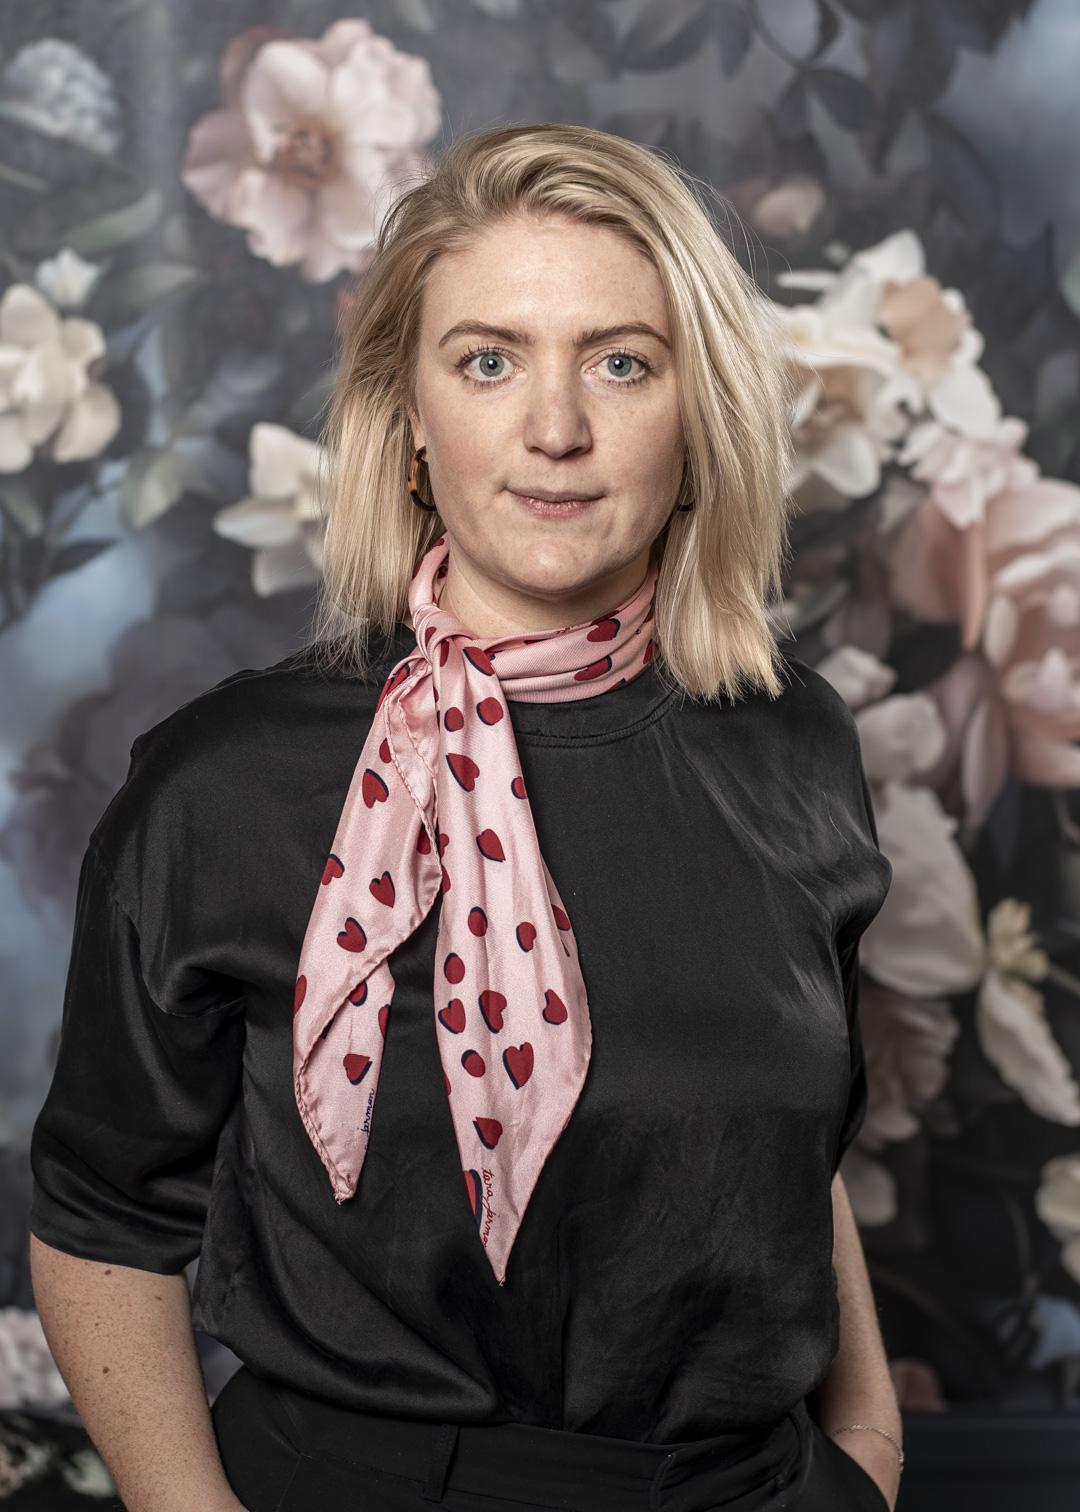 Fanny  Nylin